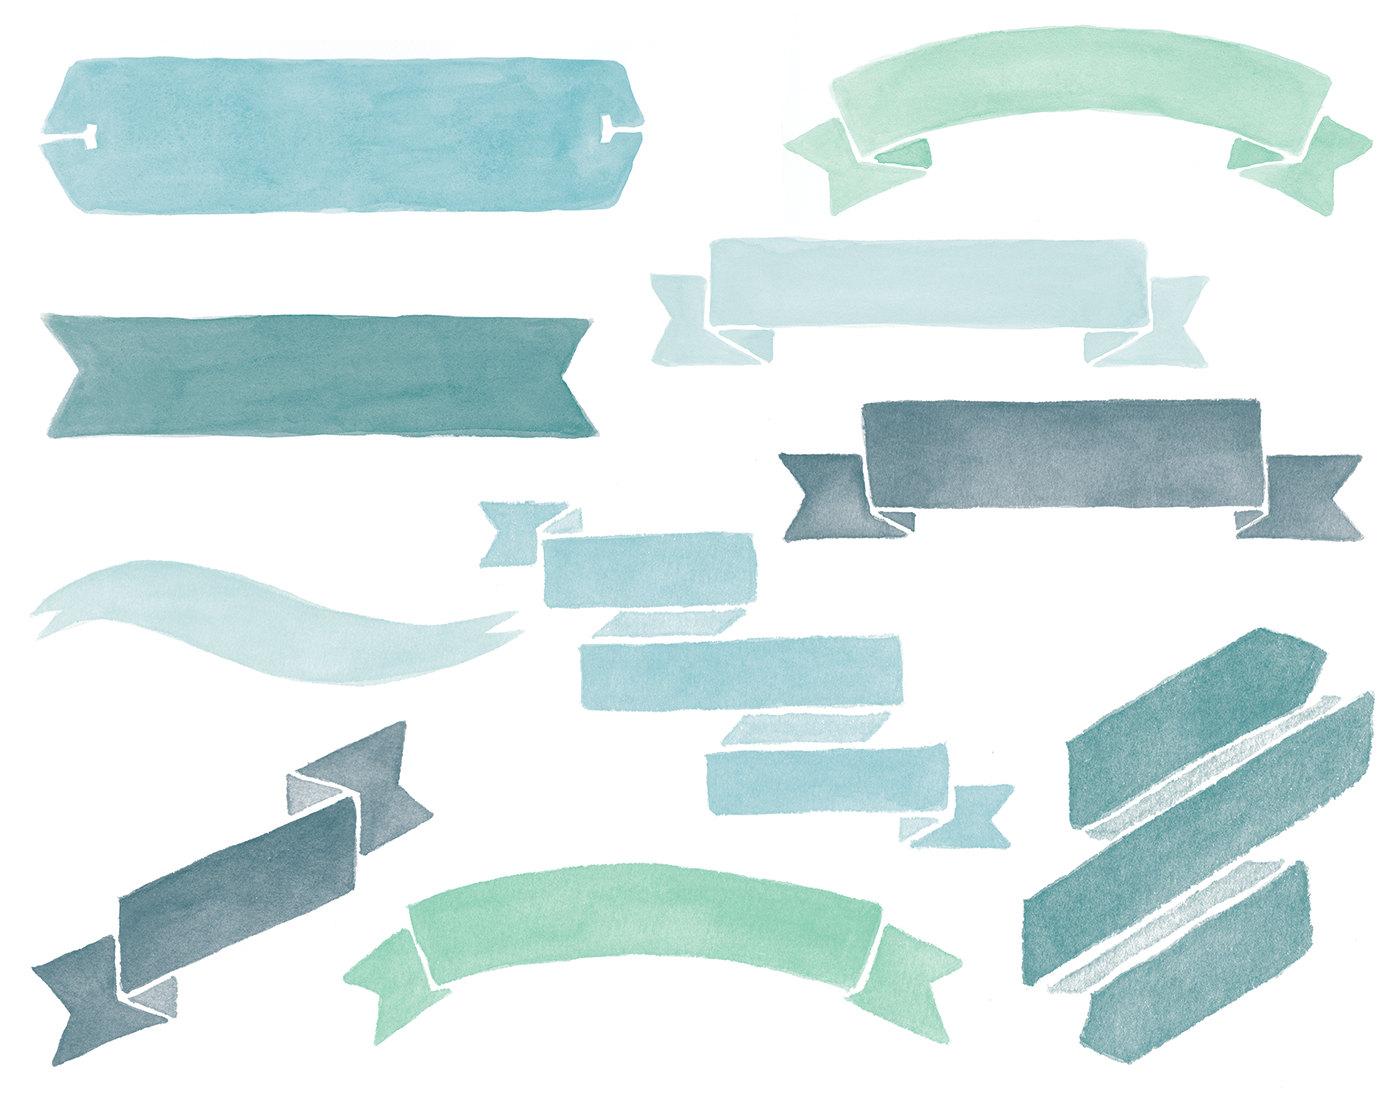 Clipart Color Overlap Transparent.